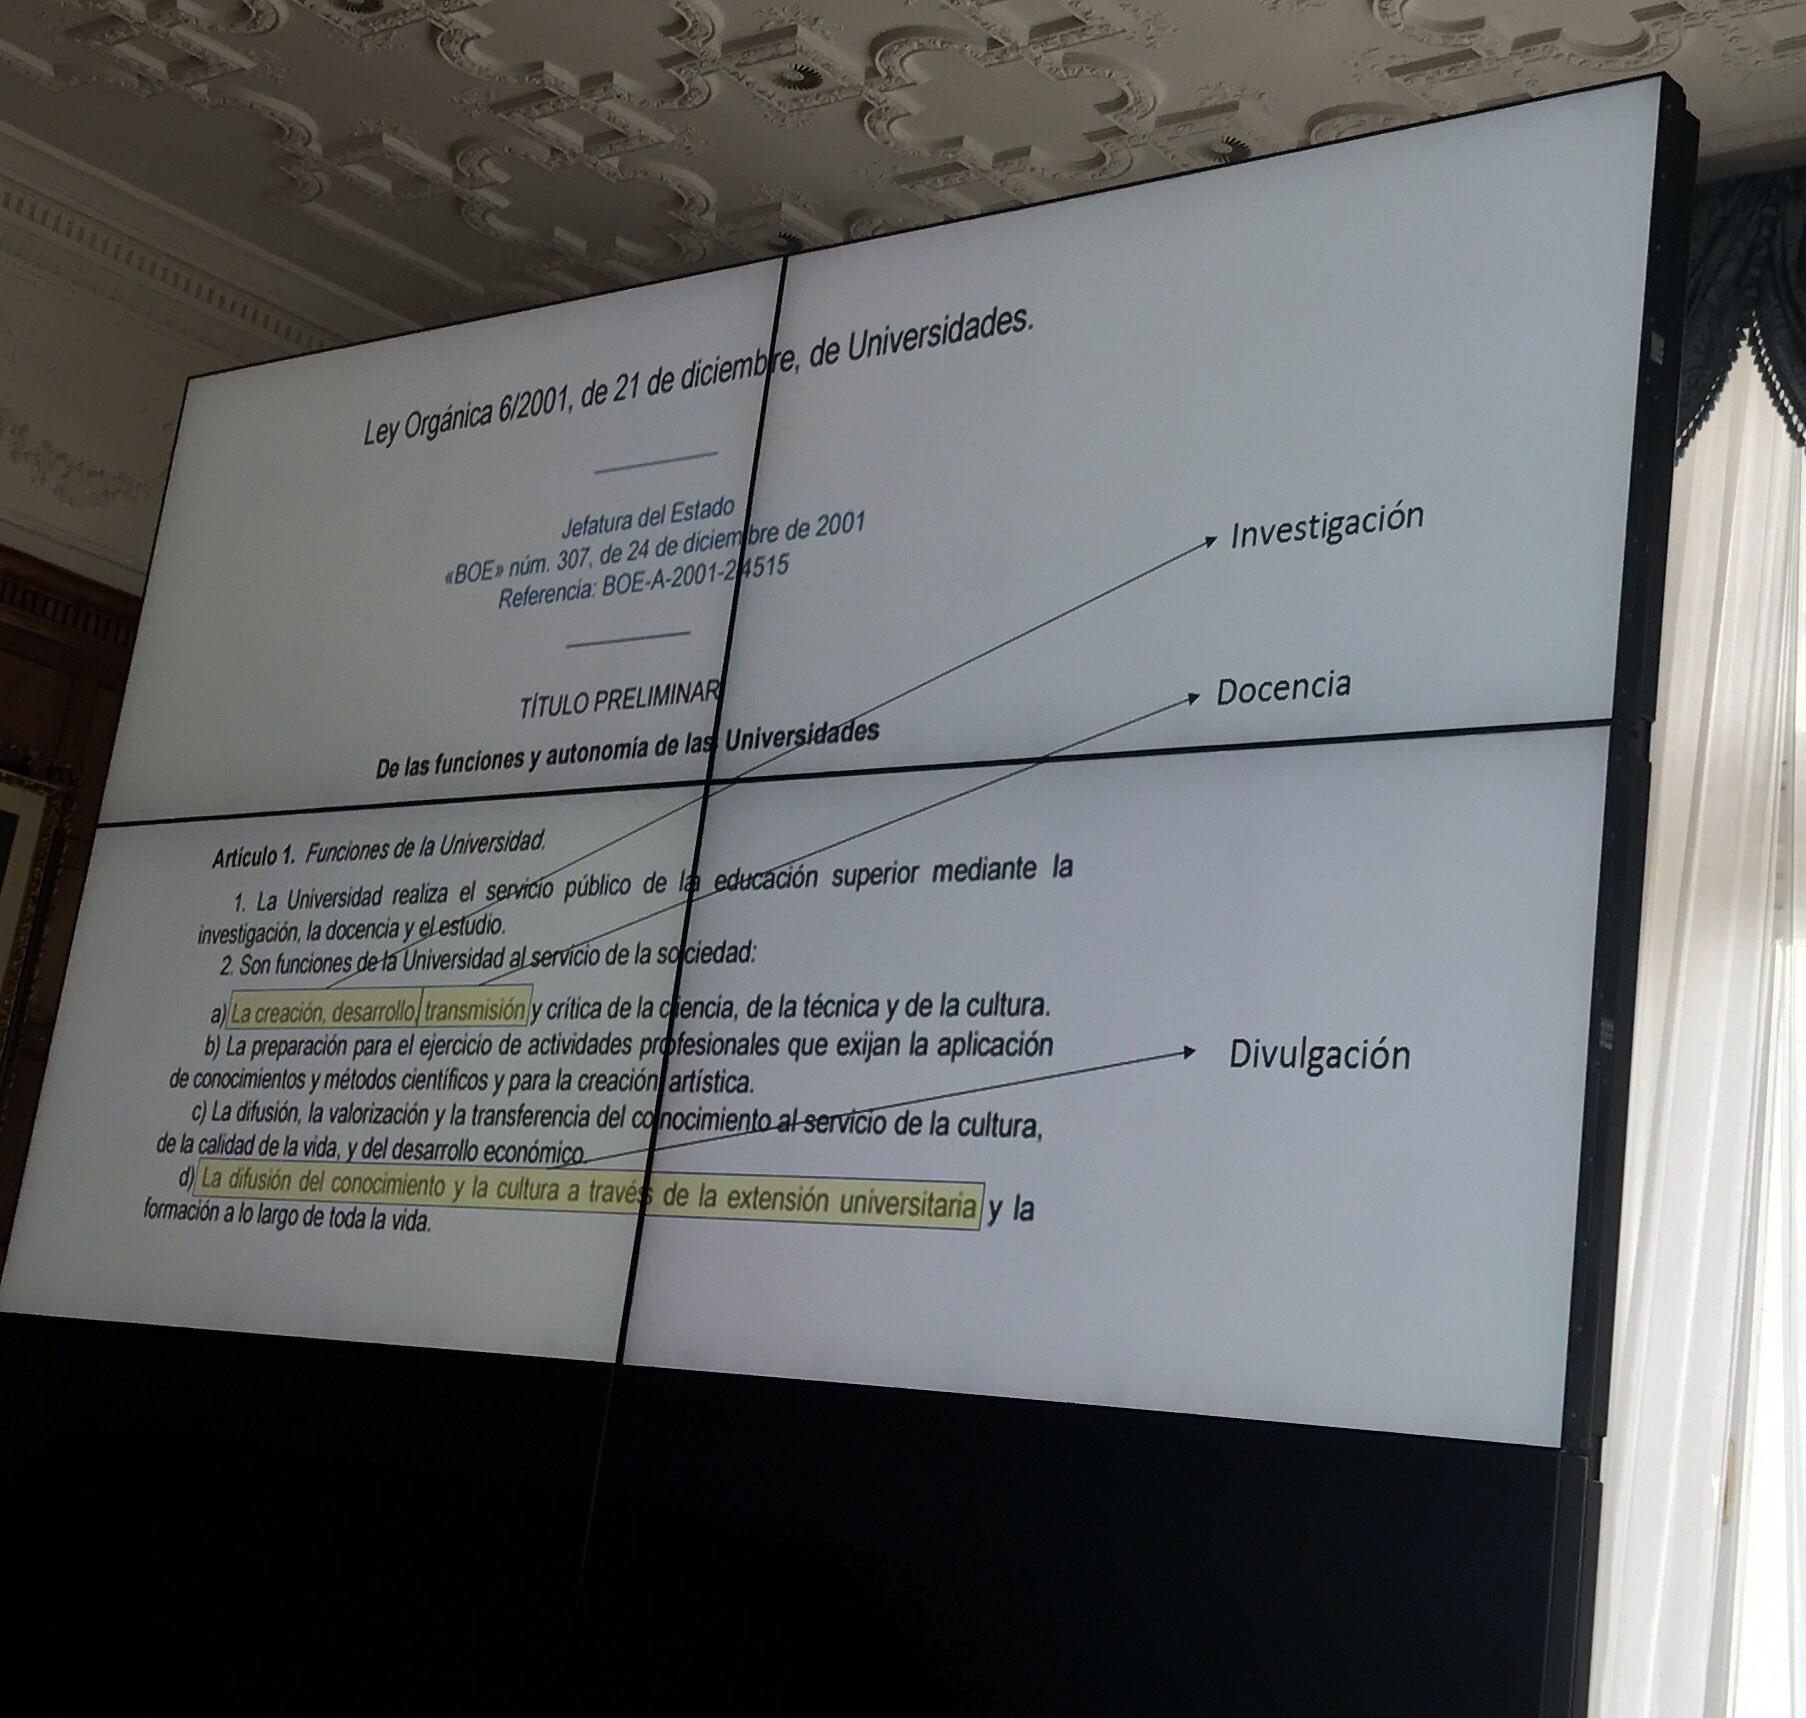 Divulgación y docencia es parte de la función de la Universidad #UIMPDivulgaCiencia @Joaquin_Sevilla @UNavarra (lo dice el BOE!!!!!) https://t.co/TLngRDlxu0